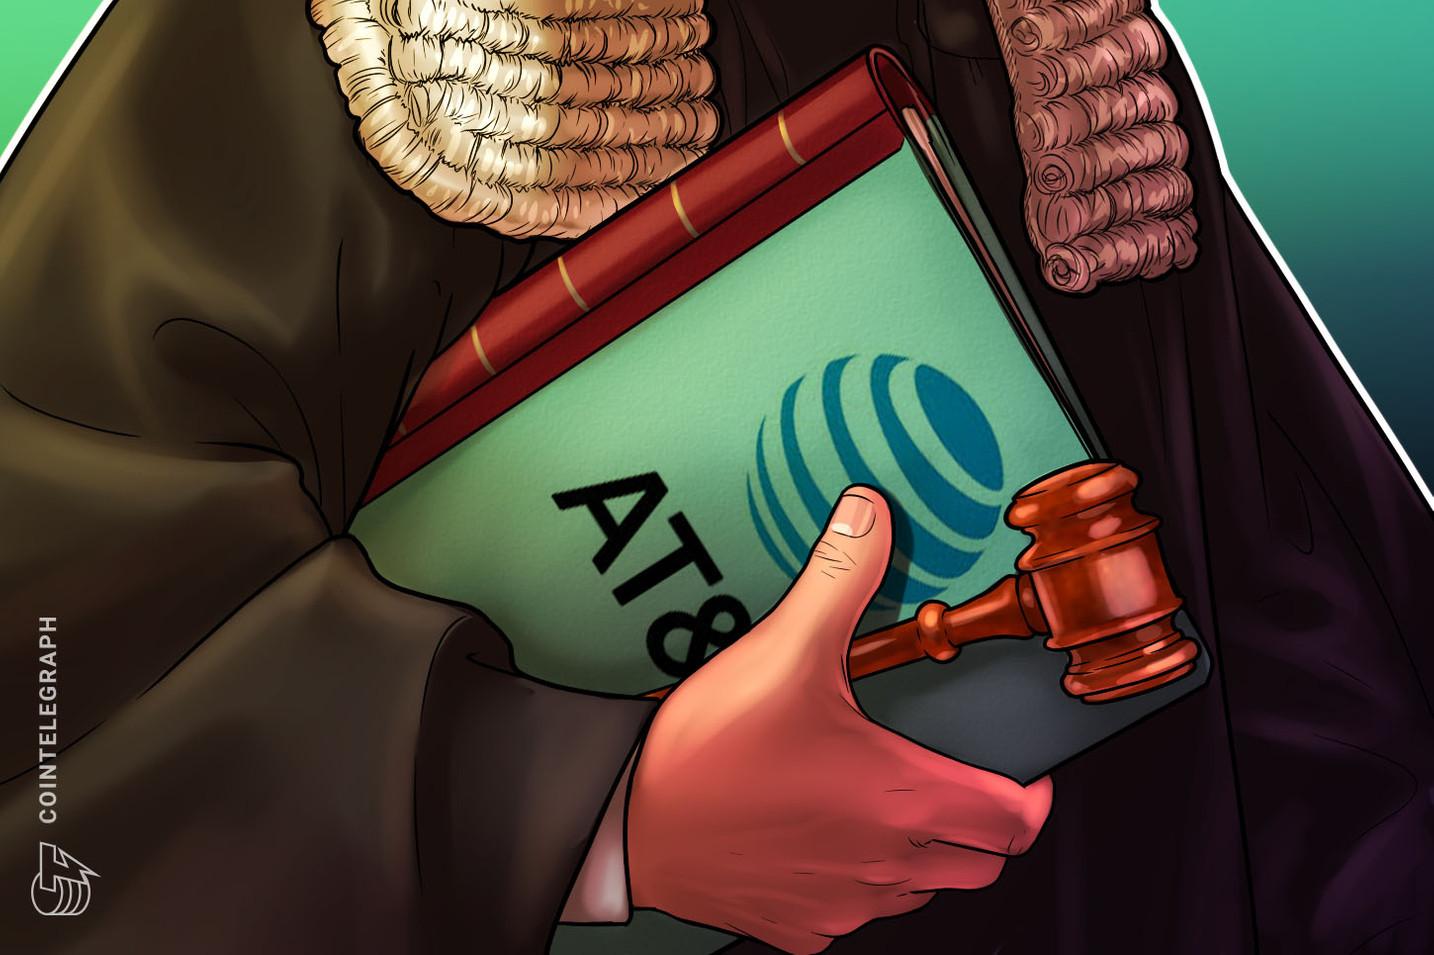 AT&T busca la desestimación de USD 200 millones en daños por el ataque de intercambio de SIM de 2018